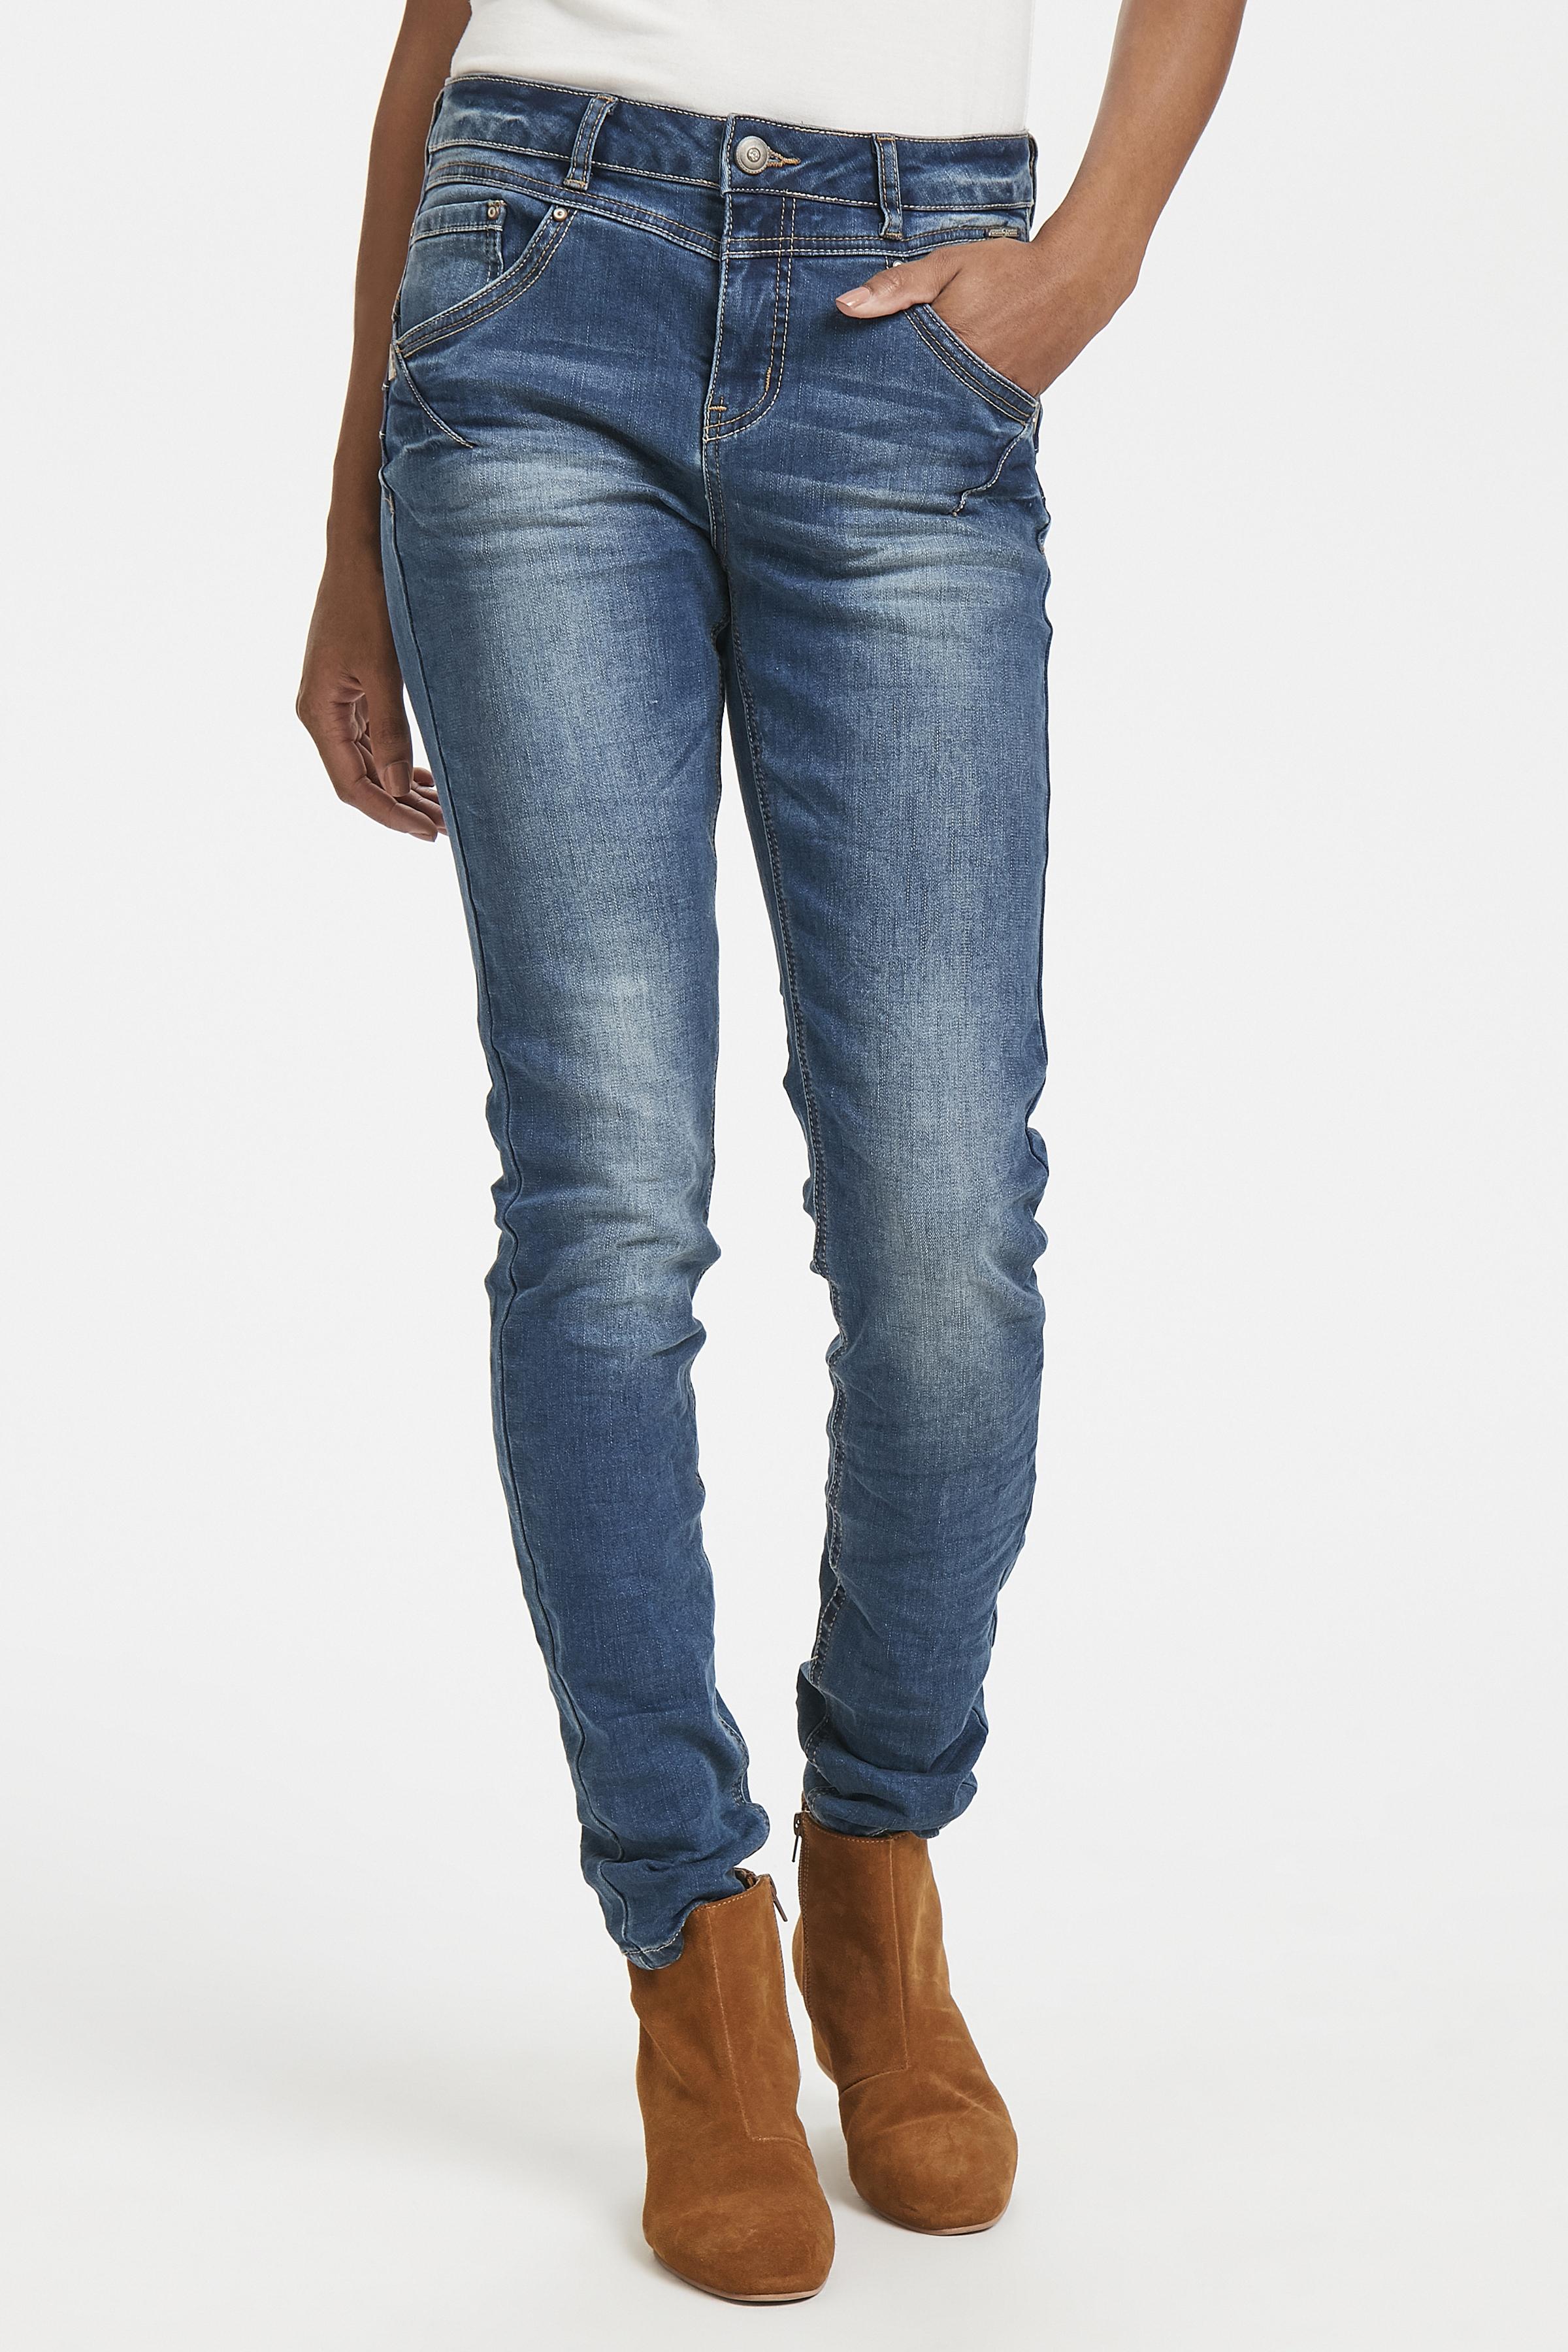 Denimblå Jeans fra Cream – Køb Denimblå Jeans fra str. 24-34 her